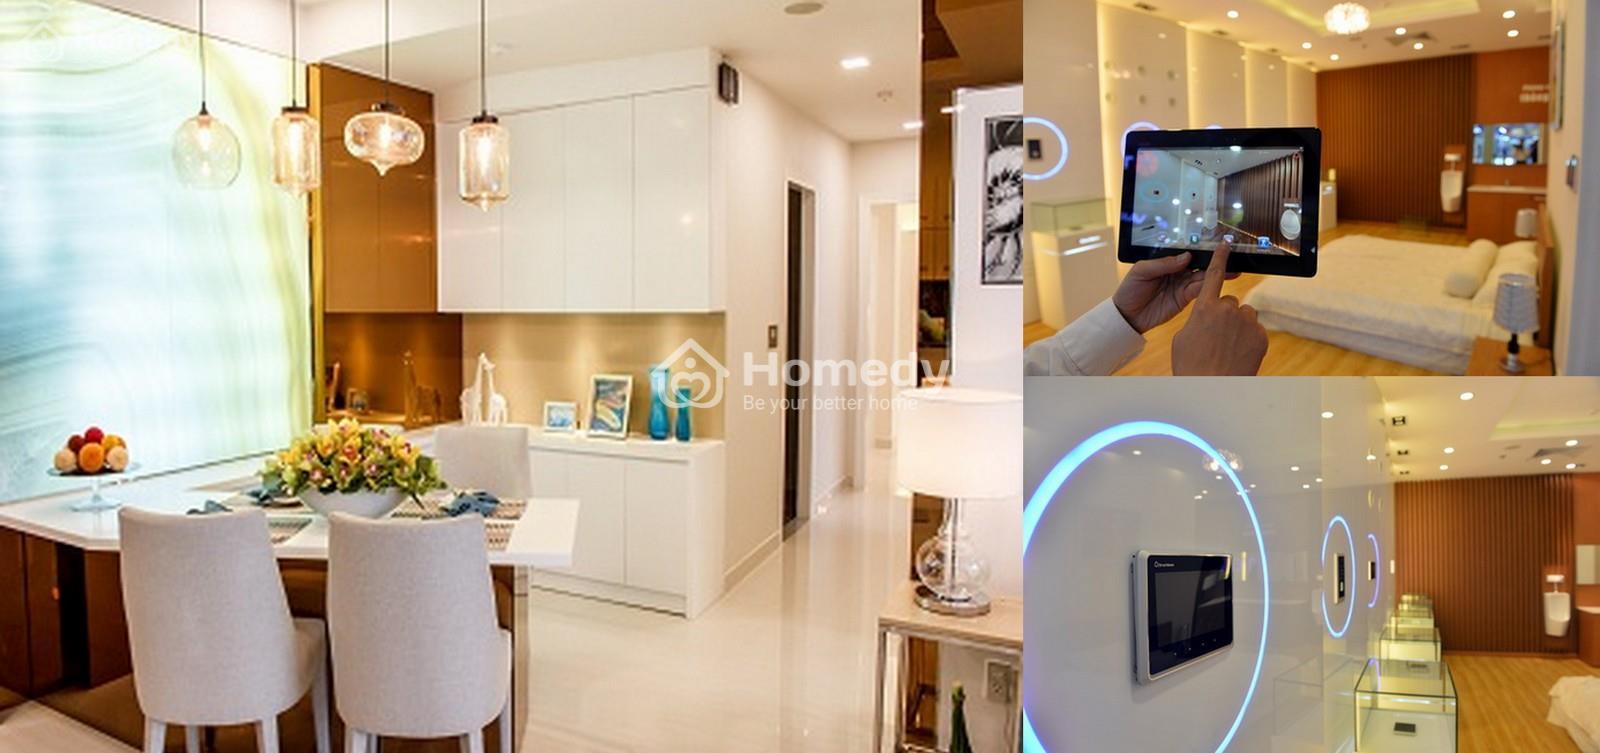 Giải pháp thông minh giúp tiết kiệm năng lượng, giảm chi phí điện cho căn nhà.